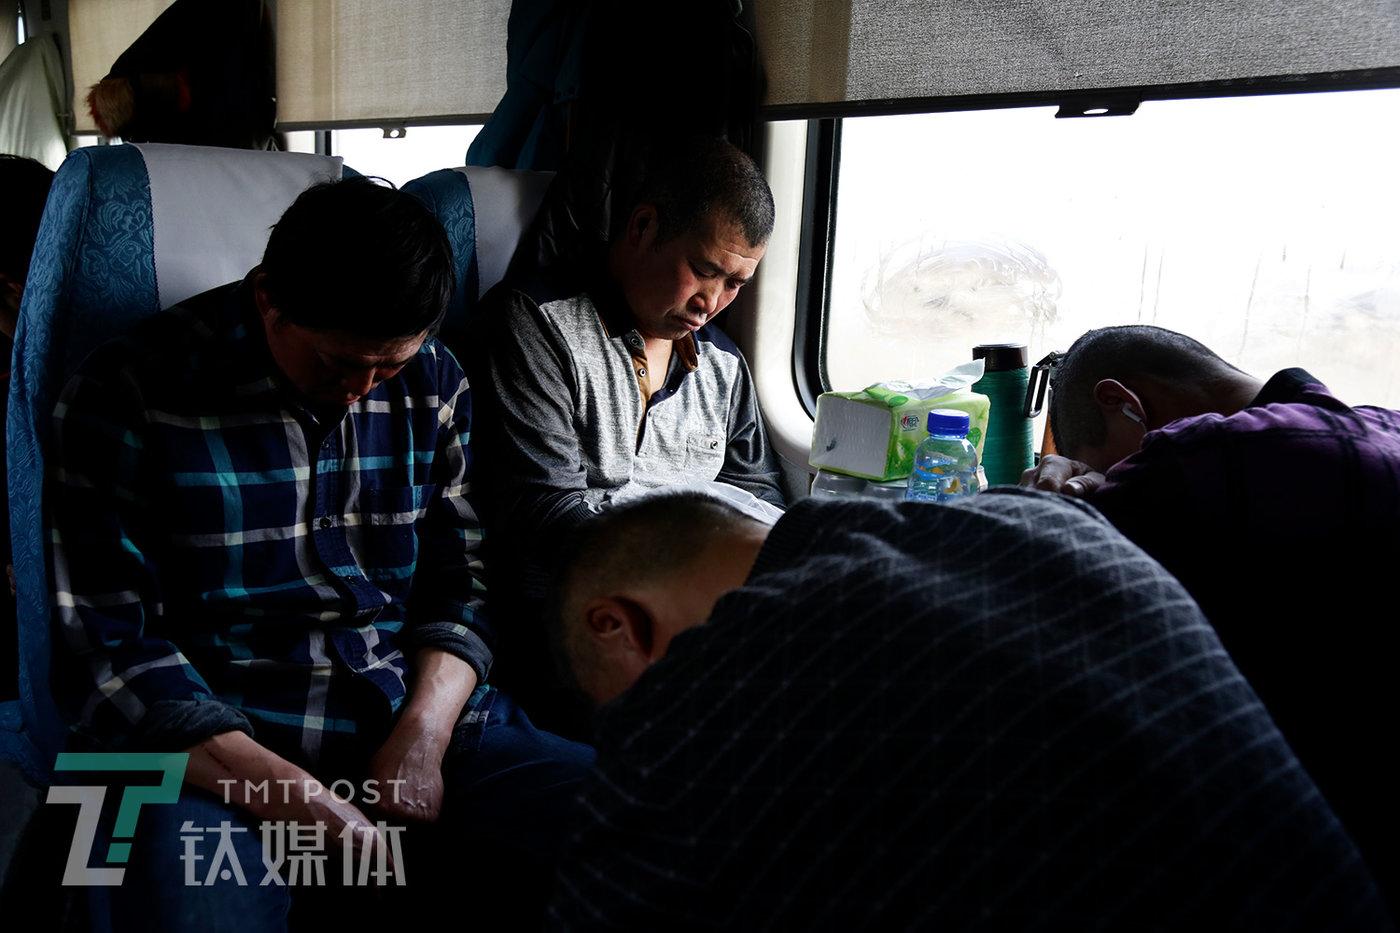 乘客在硬座上睡眠。车厢内忽冷忽热,乘客逆映太热的时候,列车员就会掀开一扇窗户通风。乘客穿着有四季的差别:有的穿羽绒服,有的穿吊带、短袖。